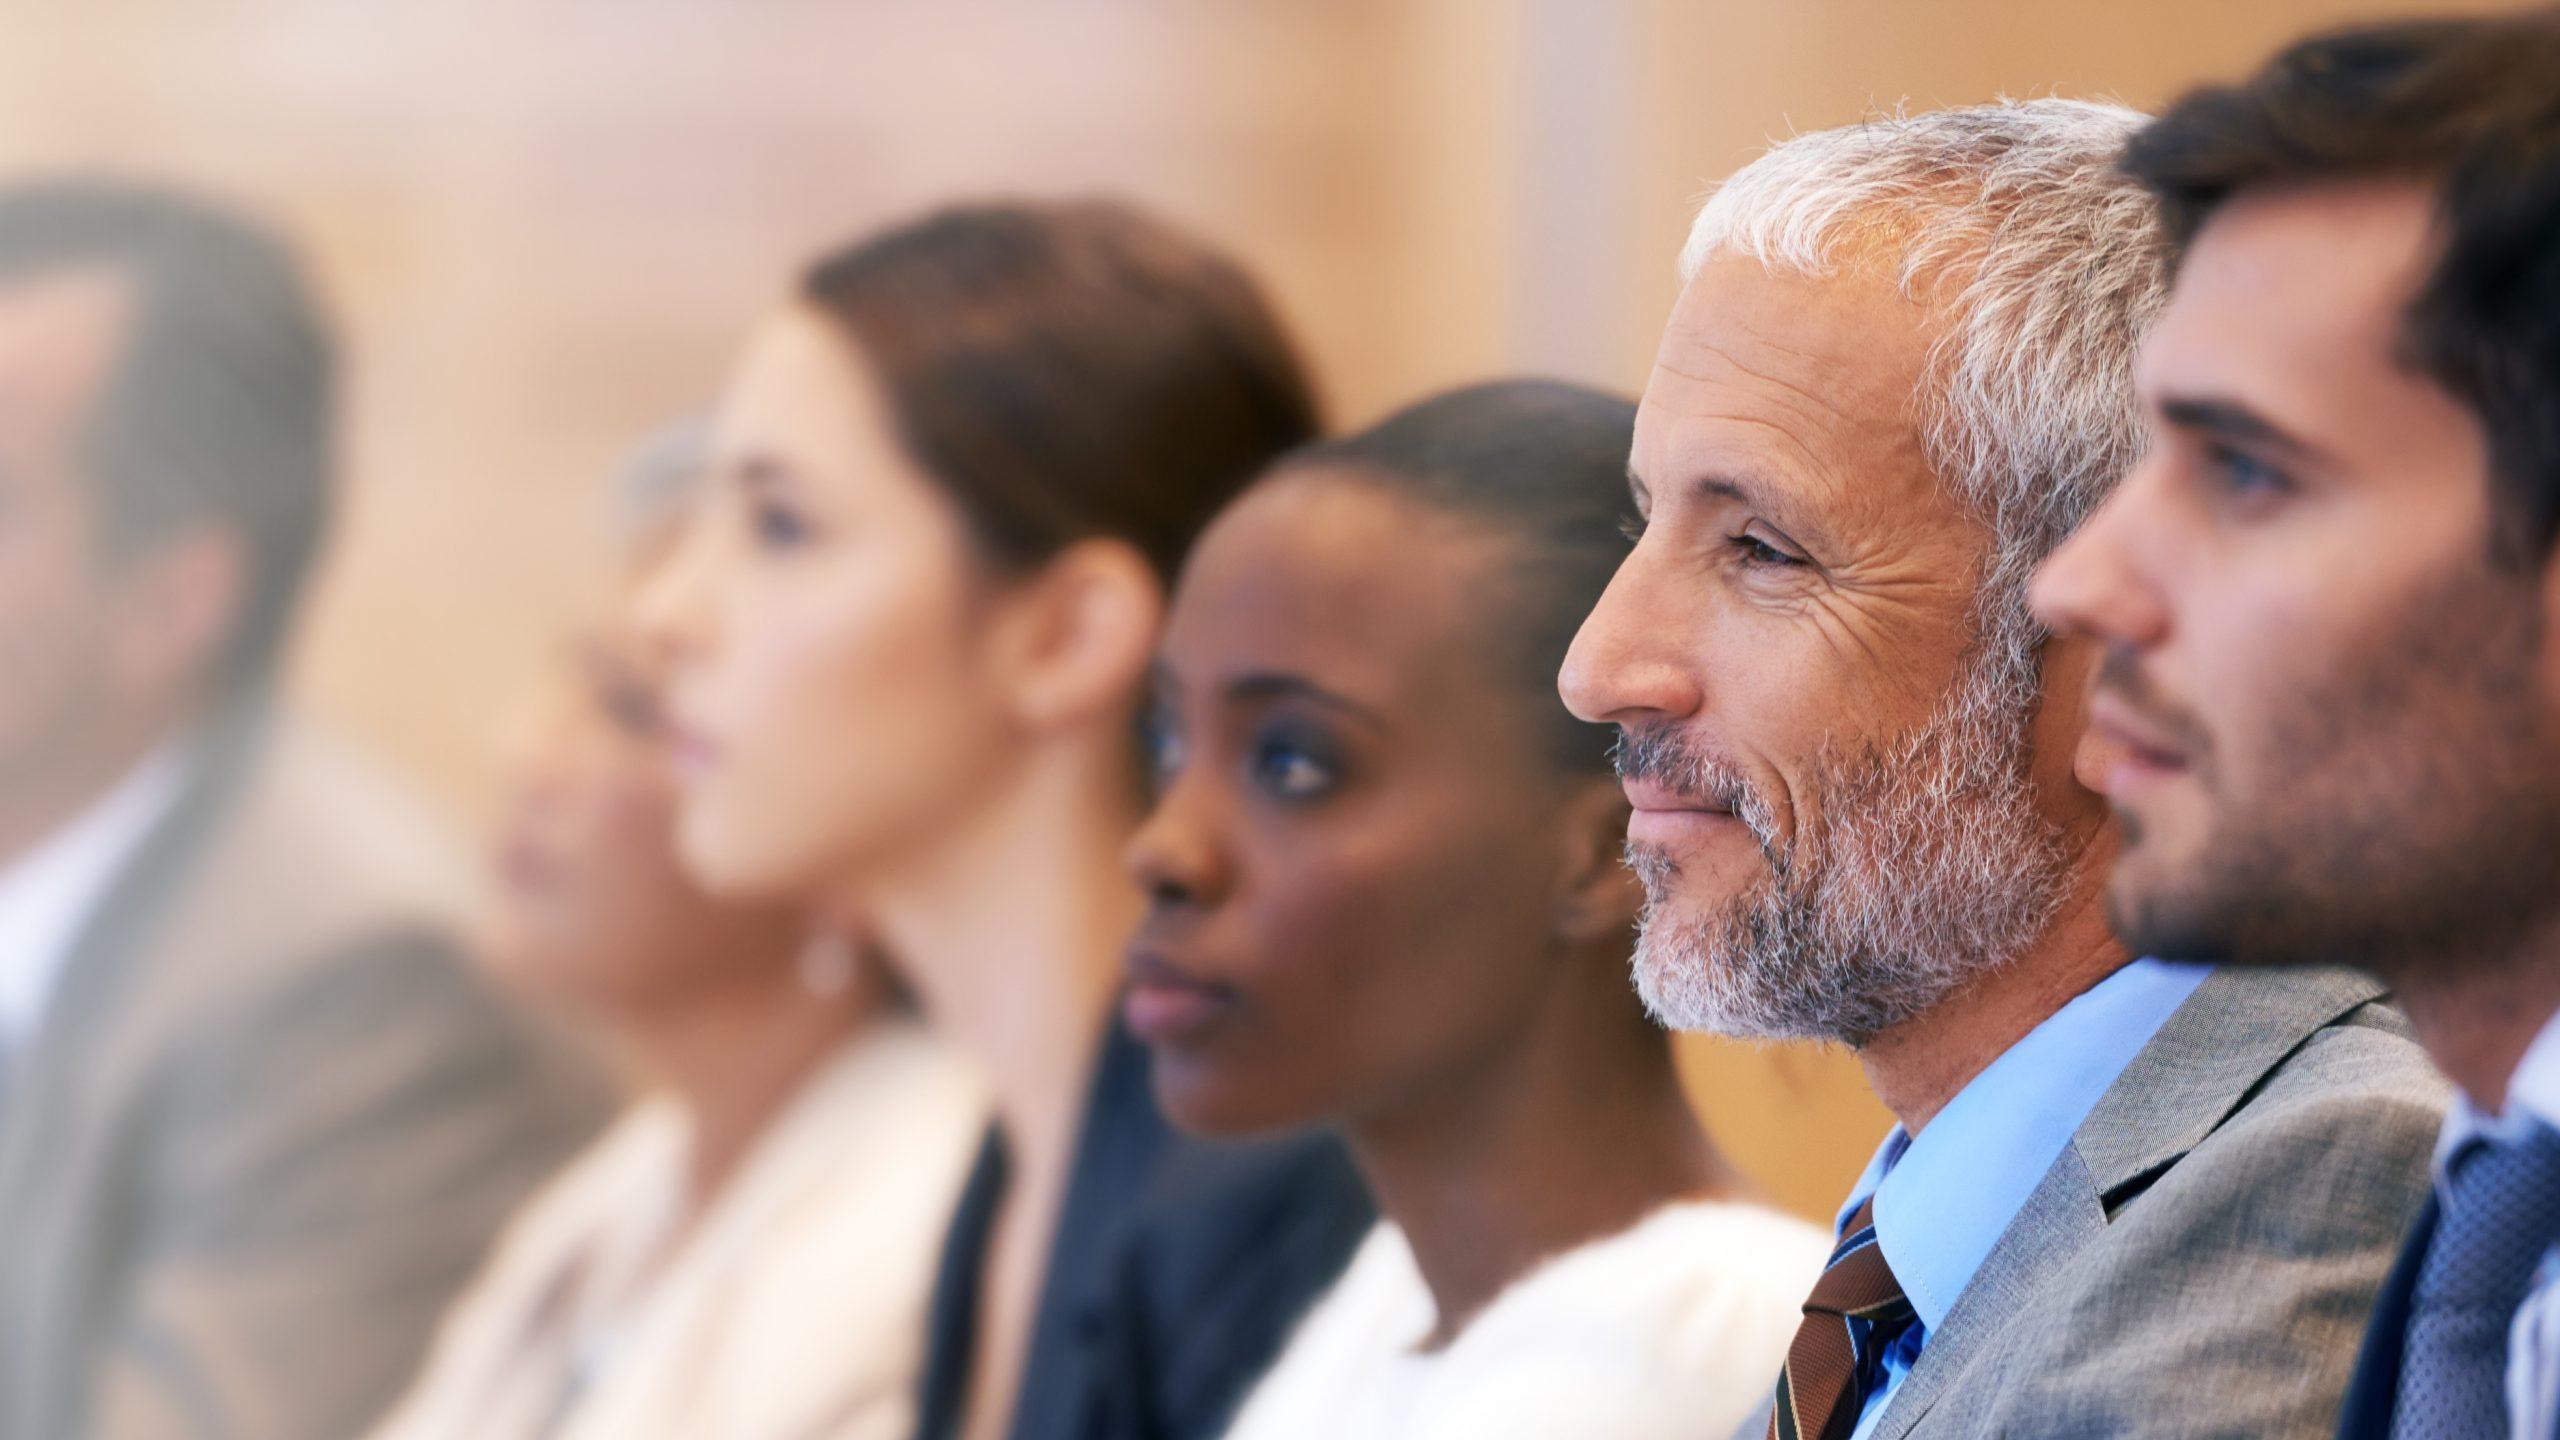 Inclusive Leadership in a COVID-19 World